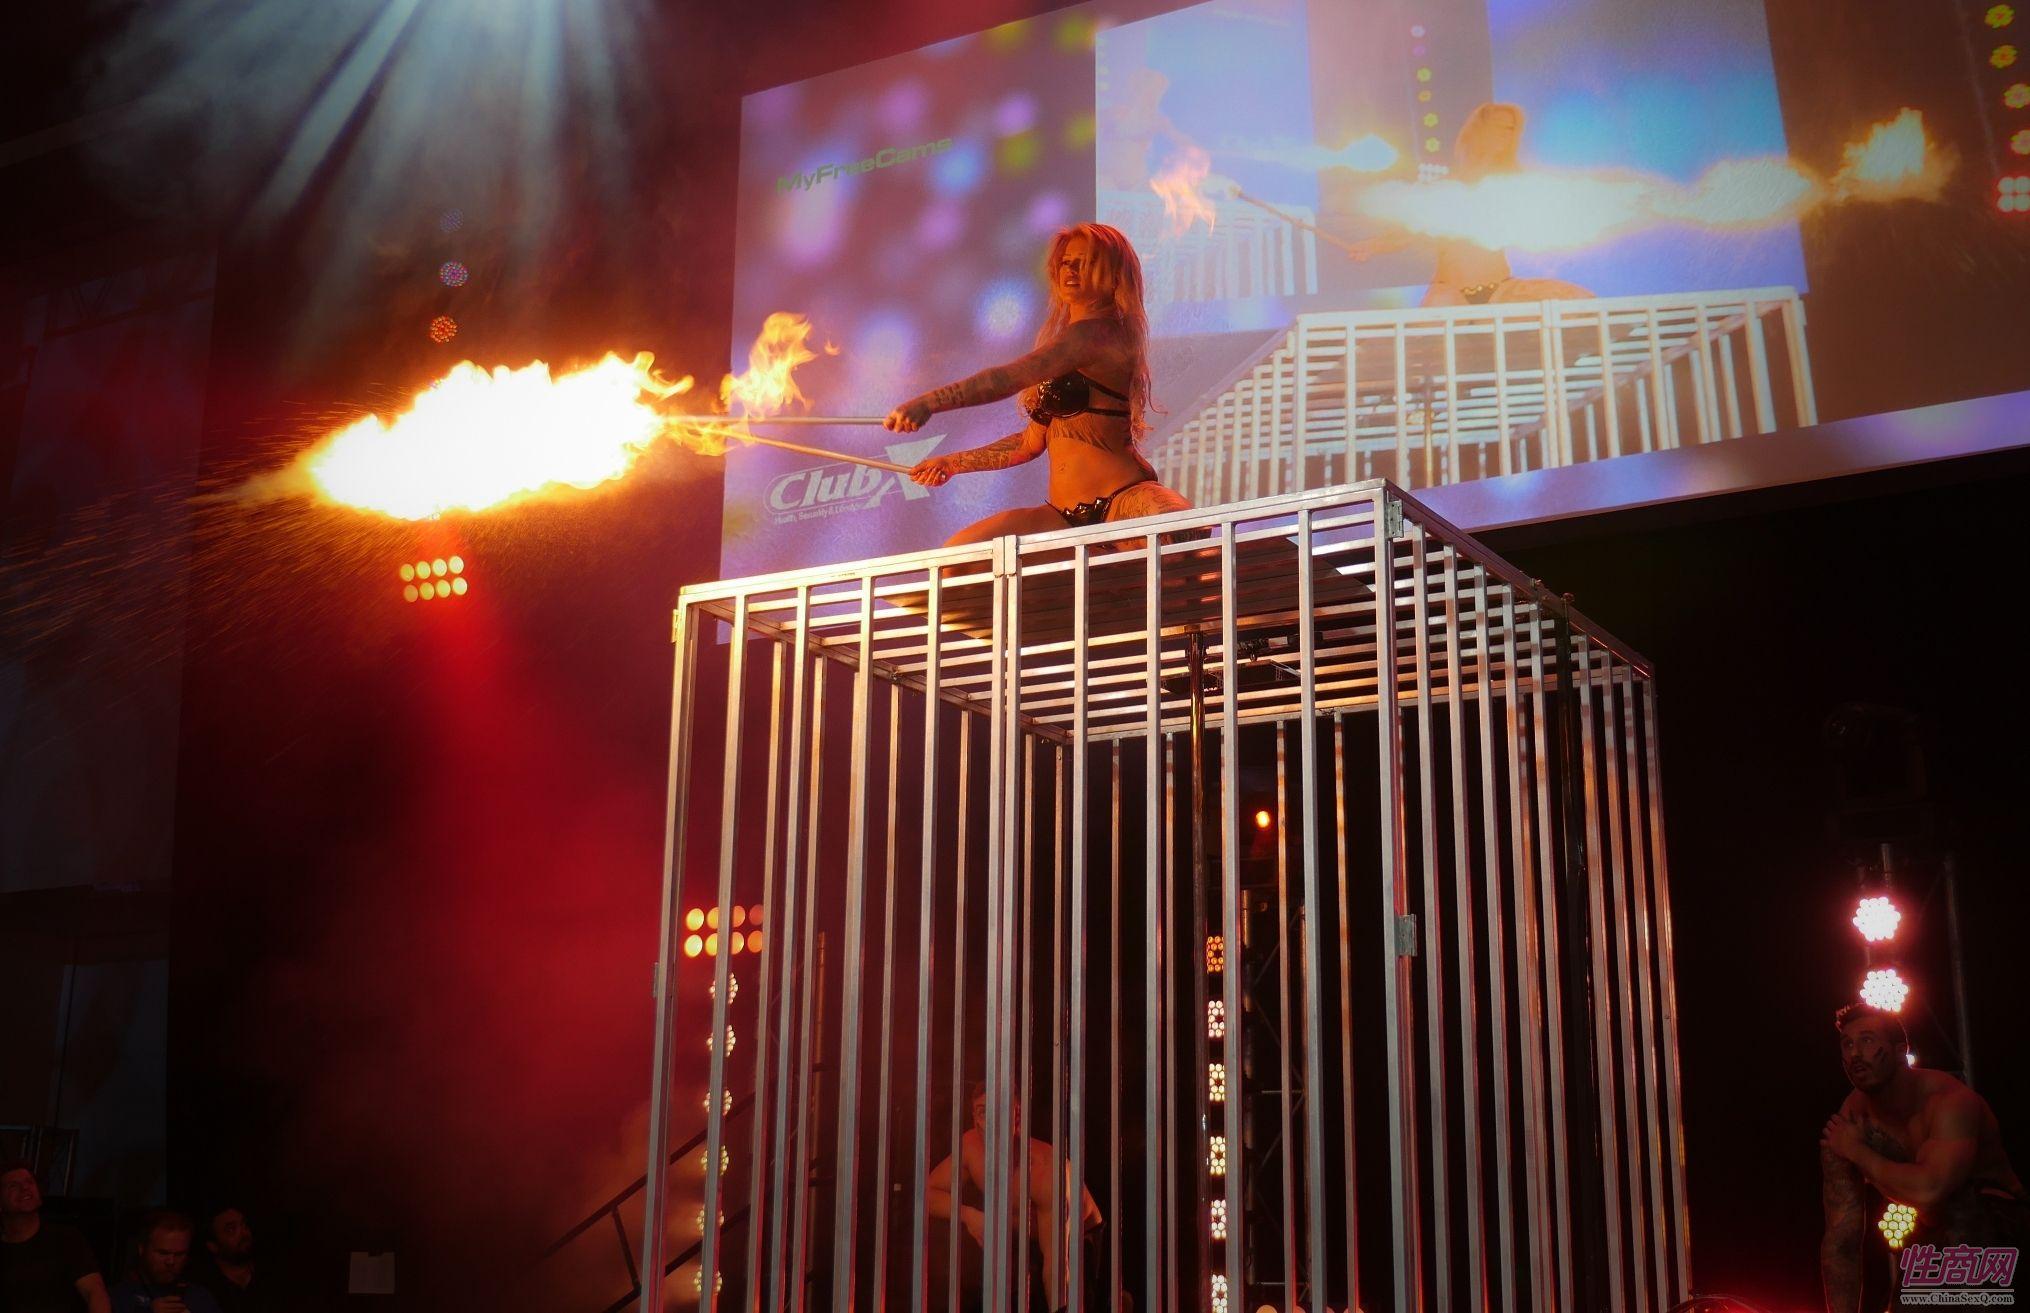 澳洲土著风格的舞蹈:野性、火焰、囚笼sm